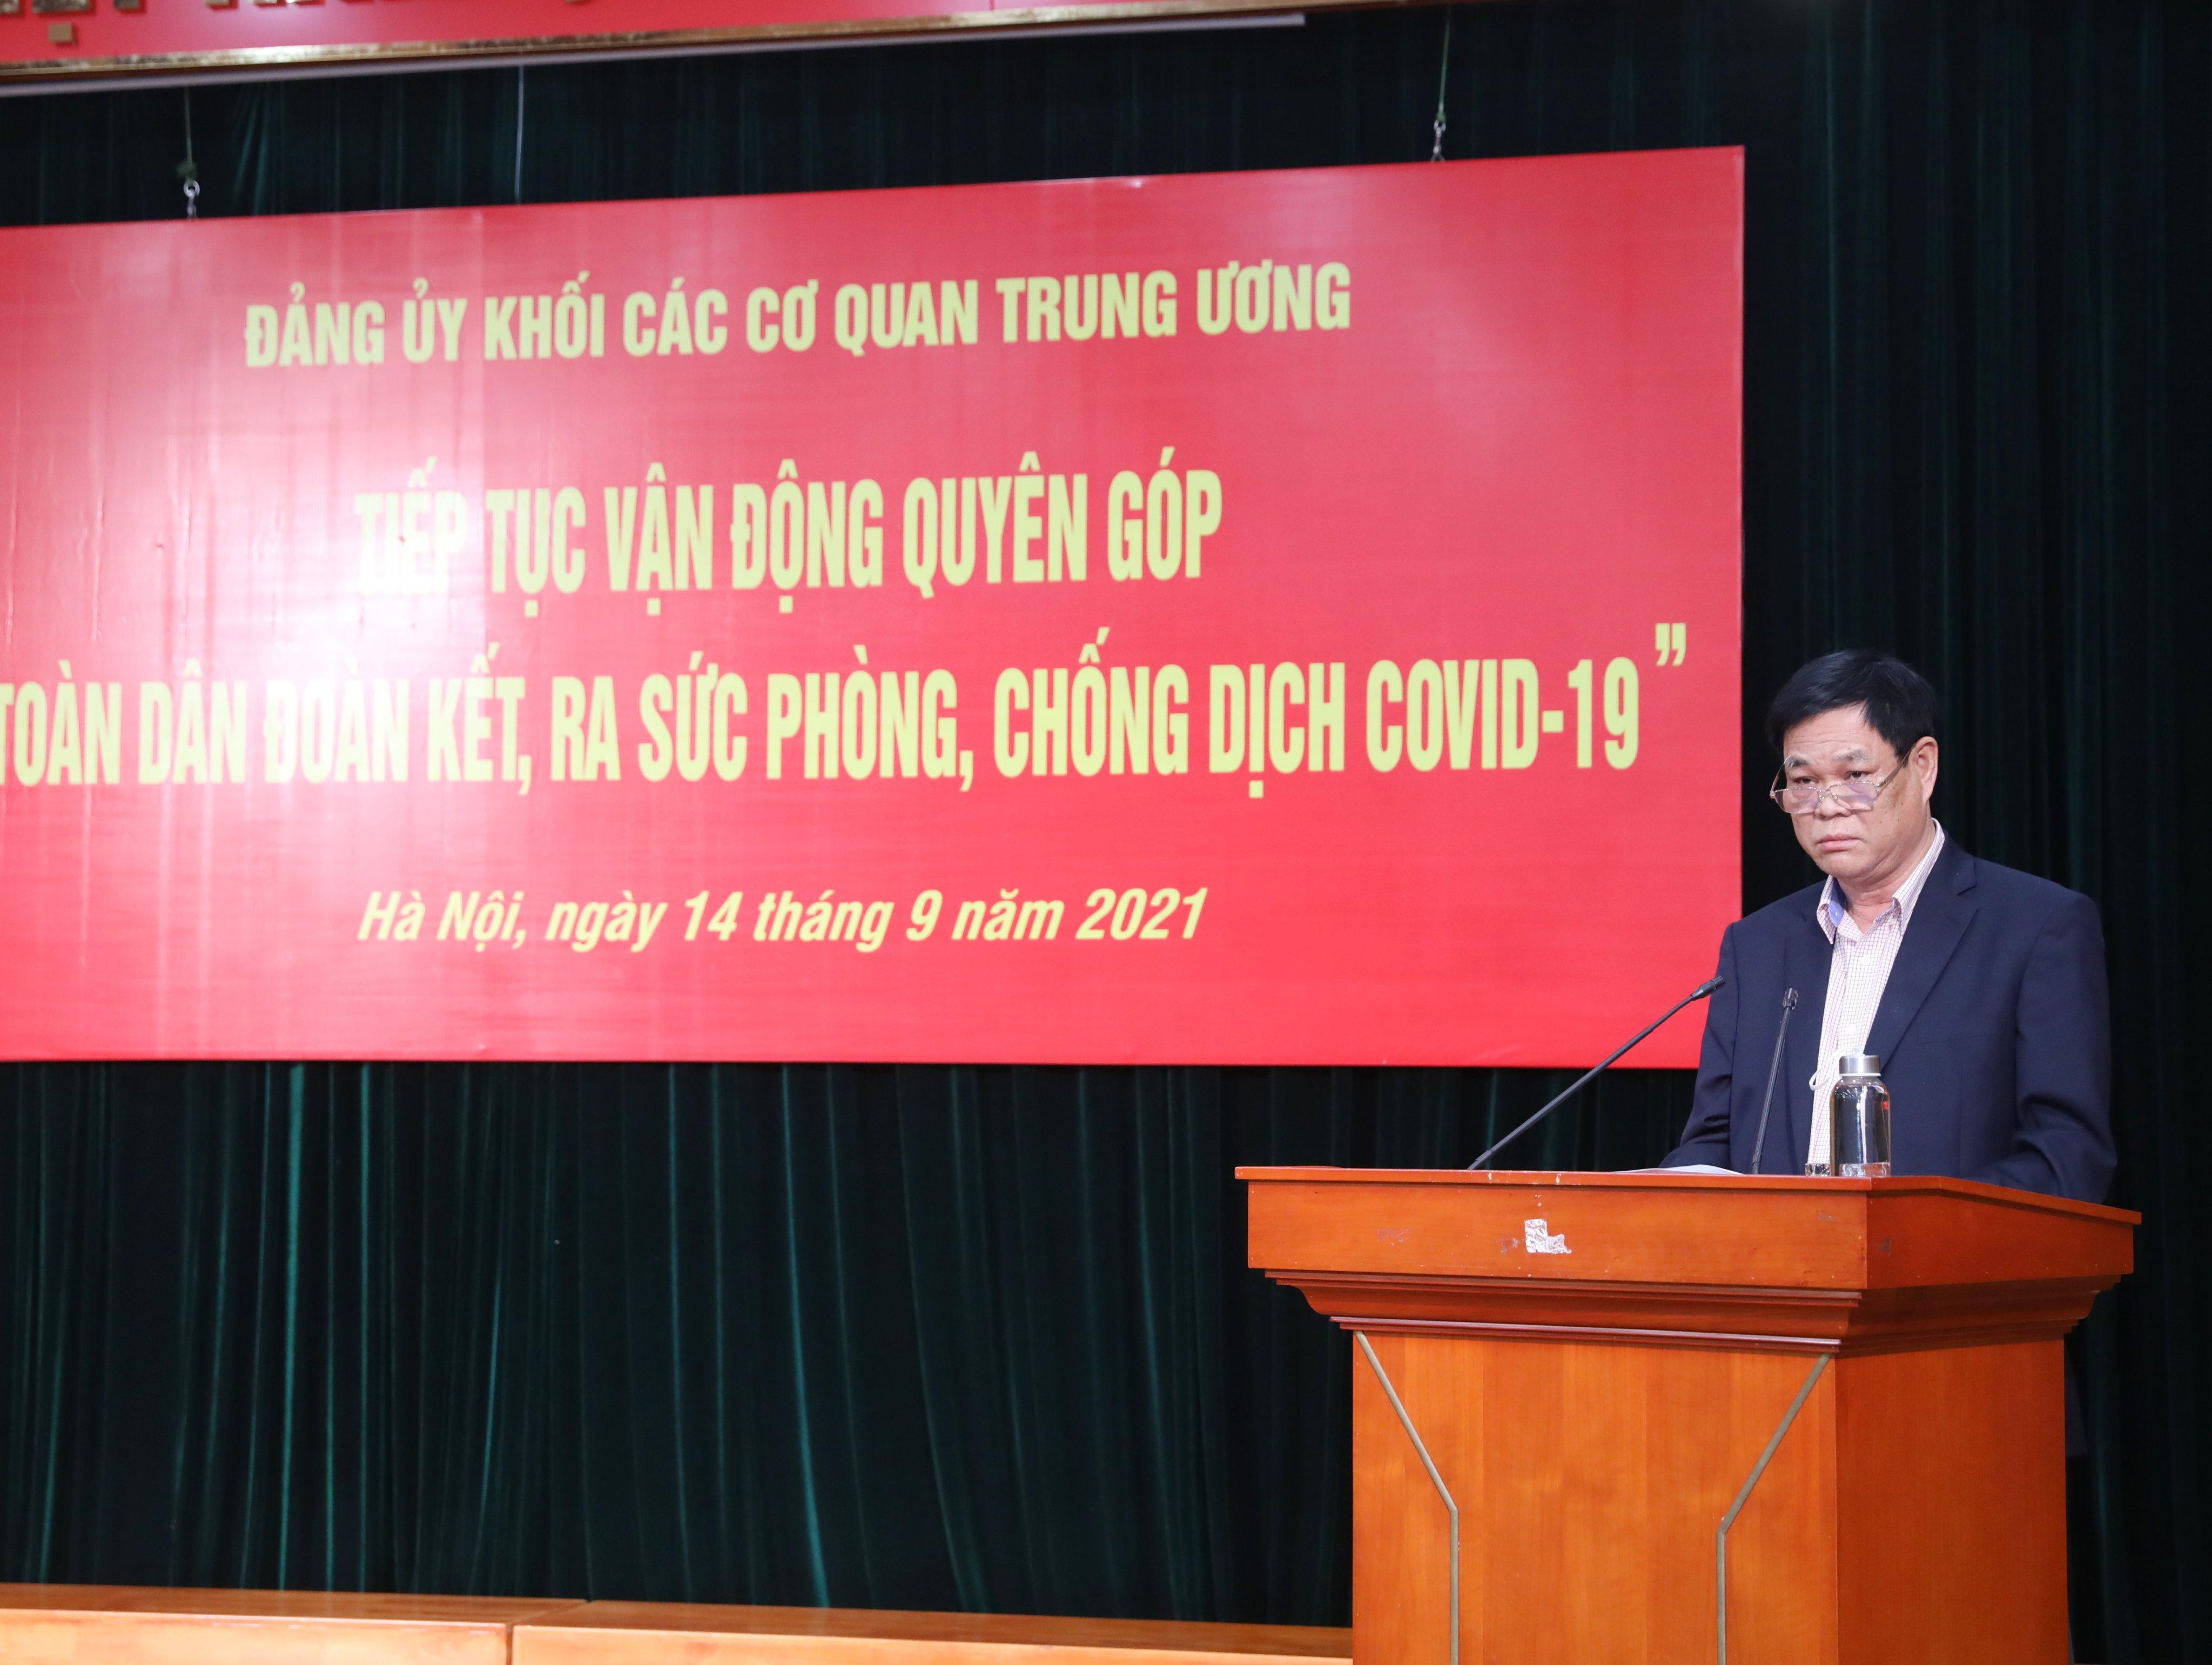 Ông Huỳnh Tấn Việt, Bí thư Đảng ủy Khối các cơ quan Trung ương kêu gọi ủng hộ Quỹ phòng chống dịch Covid-19.